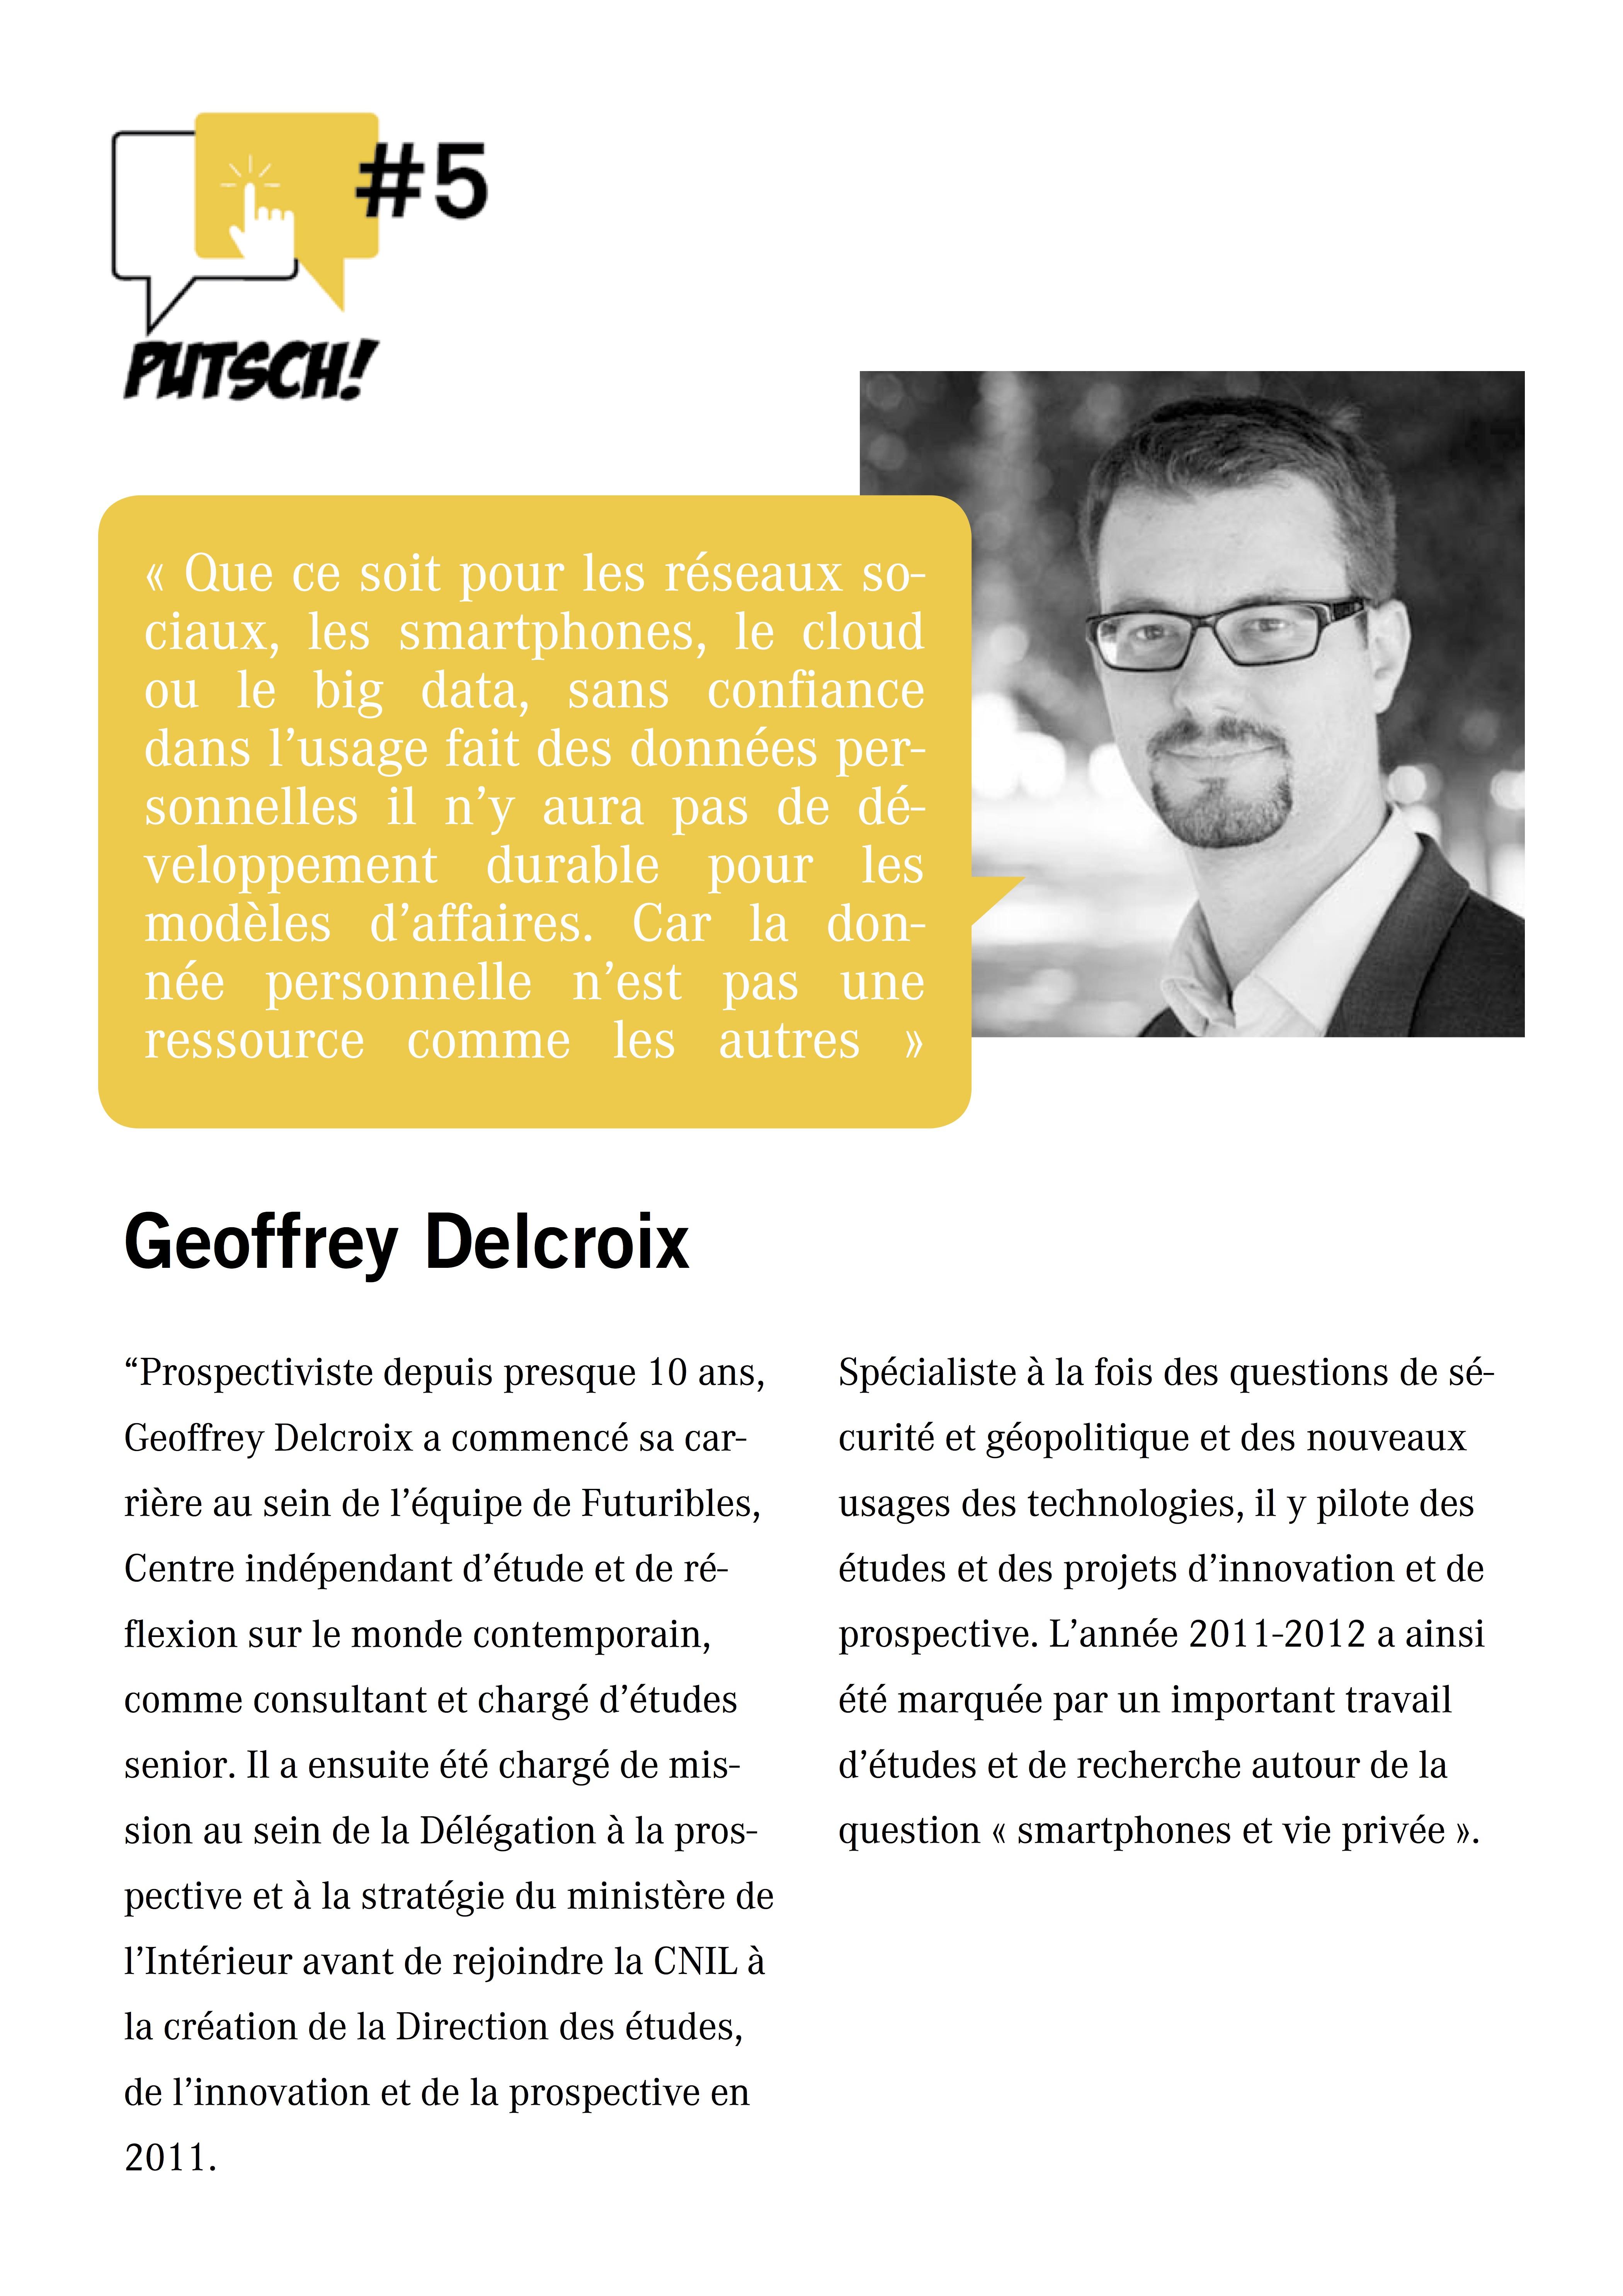 intervenant-geoffrey-delcroix-5